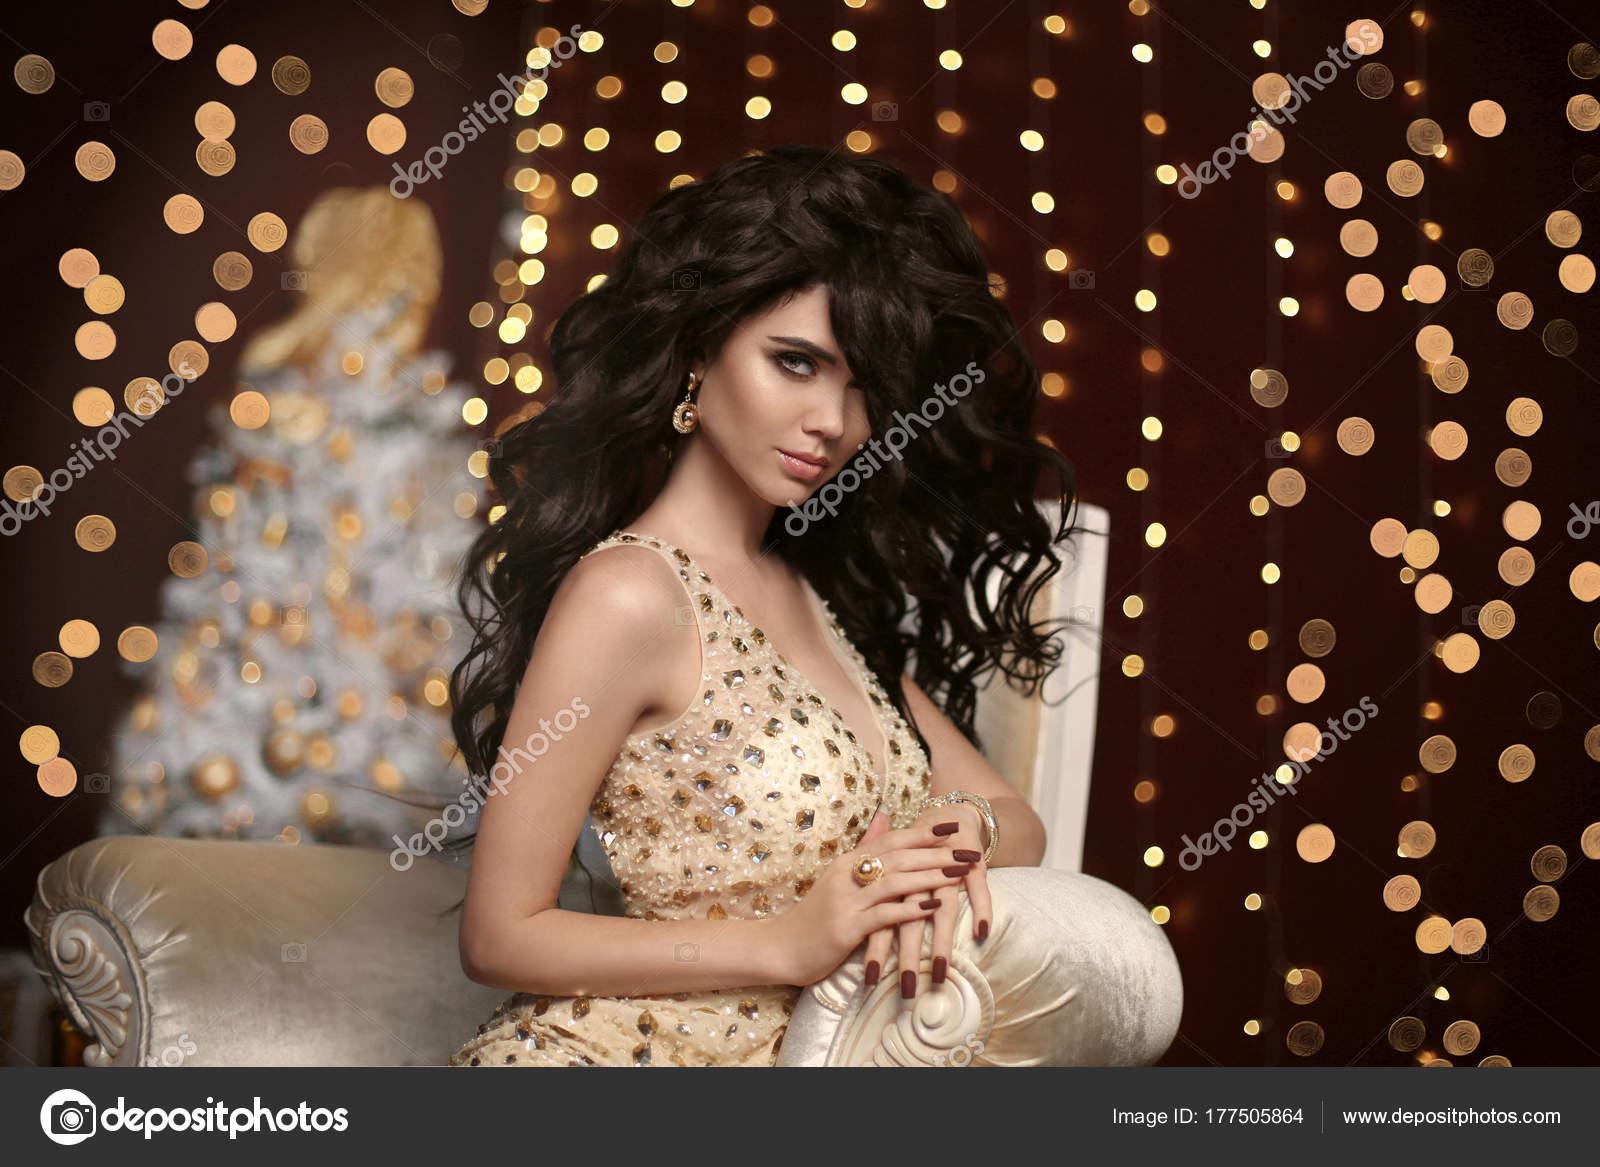 e74ebd082a7 Glamour mode jeune fille brune Noël portrait. Femme sexy élégante dans une  robe sensuelle avec le maquillage de soirée